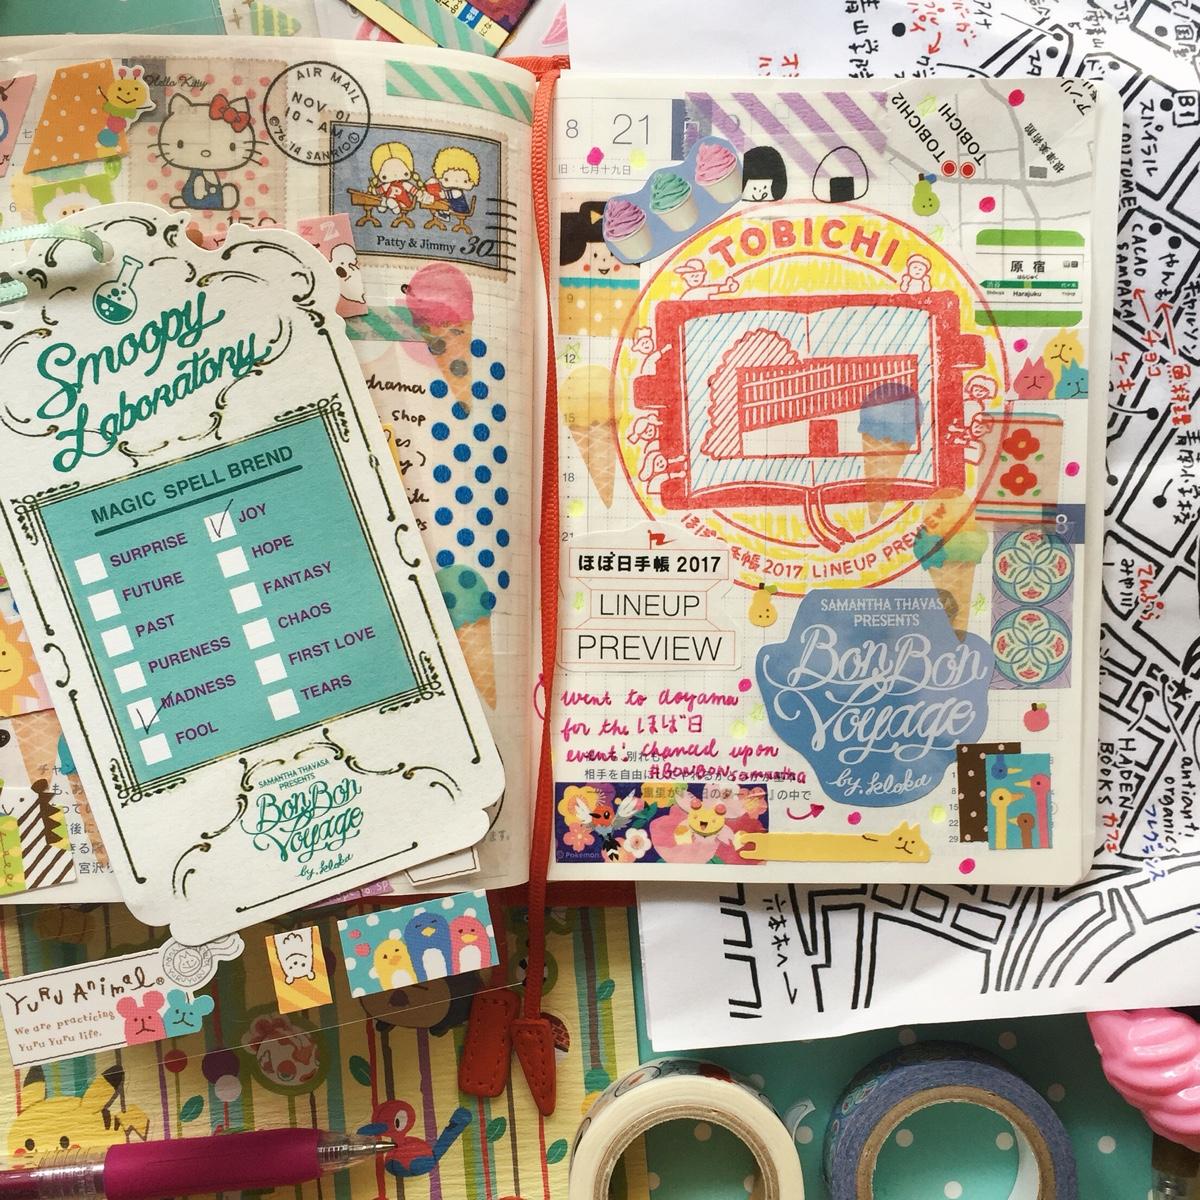 tobichi-hobonichi-lineup-preview-2017.jpg